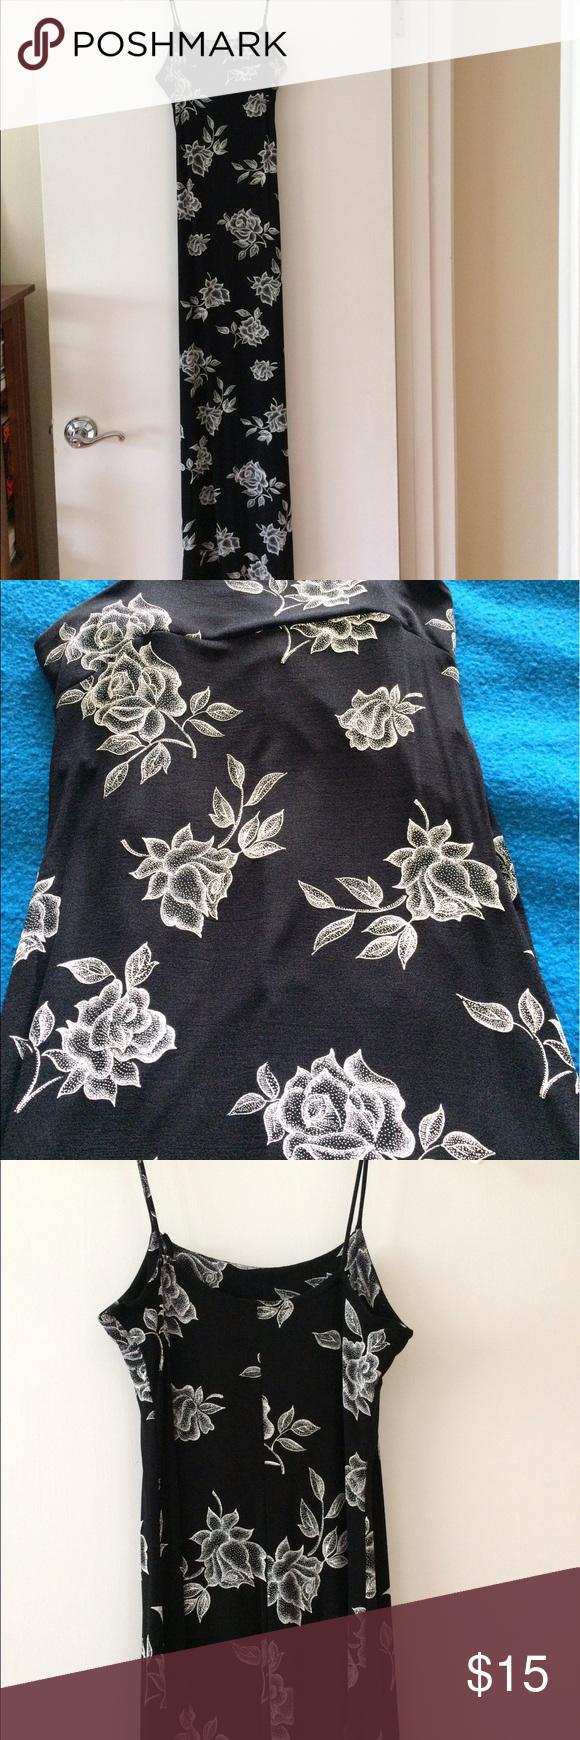 Schwarz-Weiß-Kleid Schwarz-Weiß-Kleid mit Rosenmuster ...